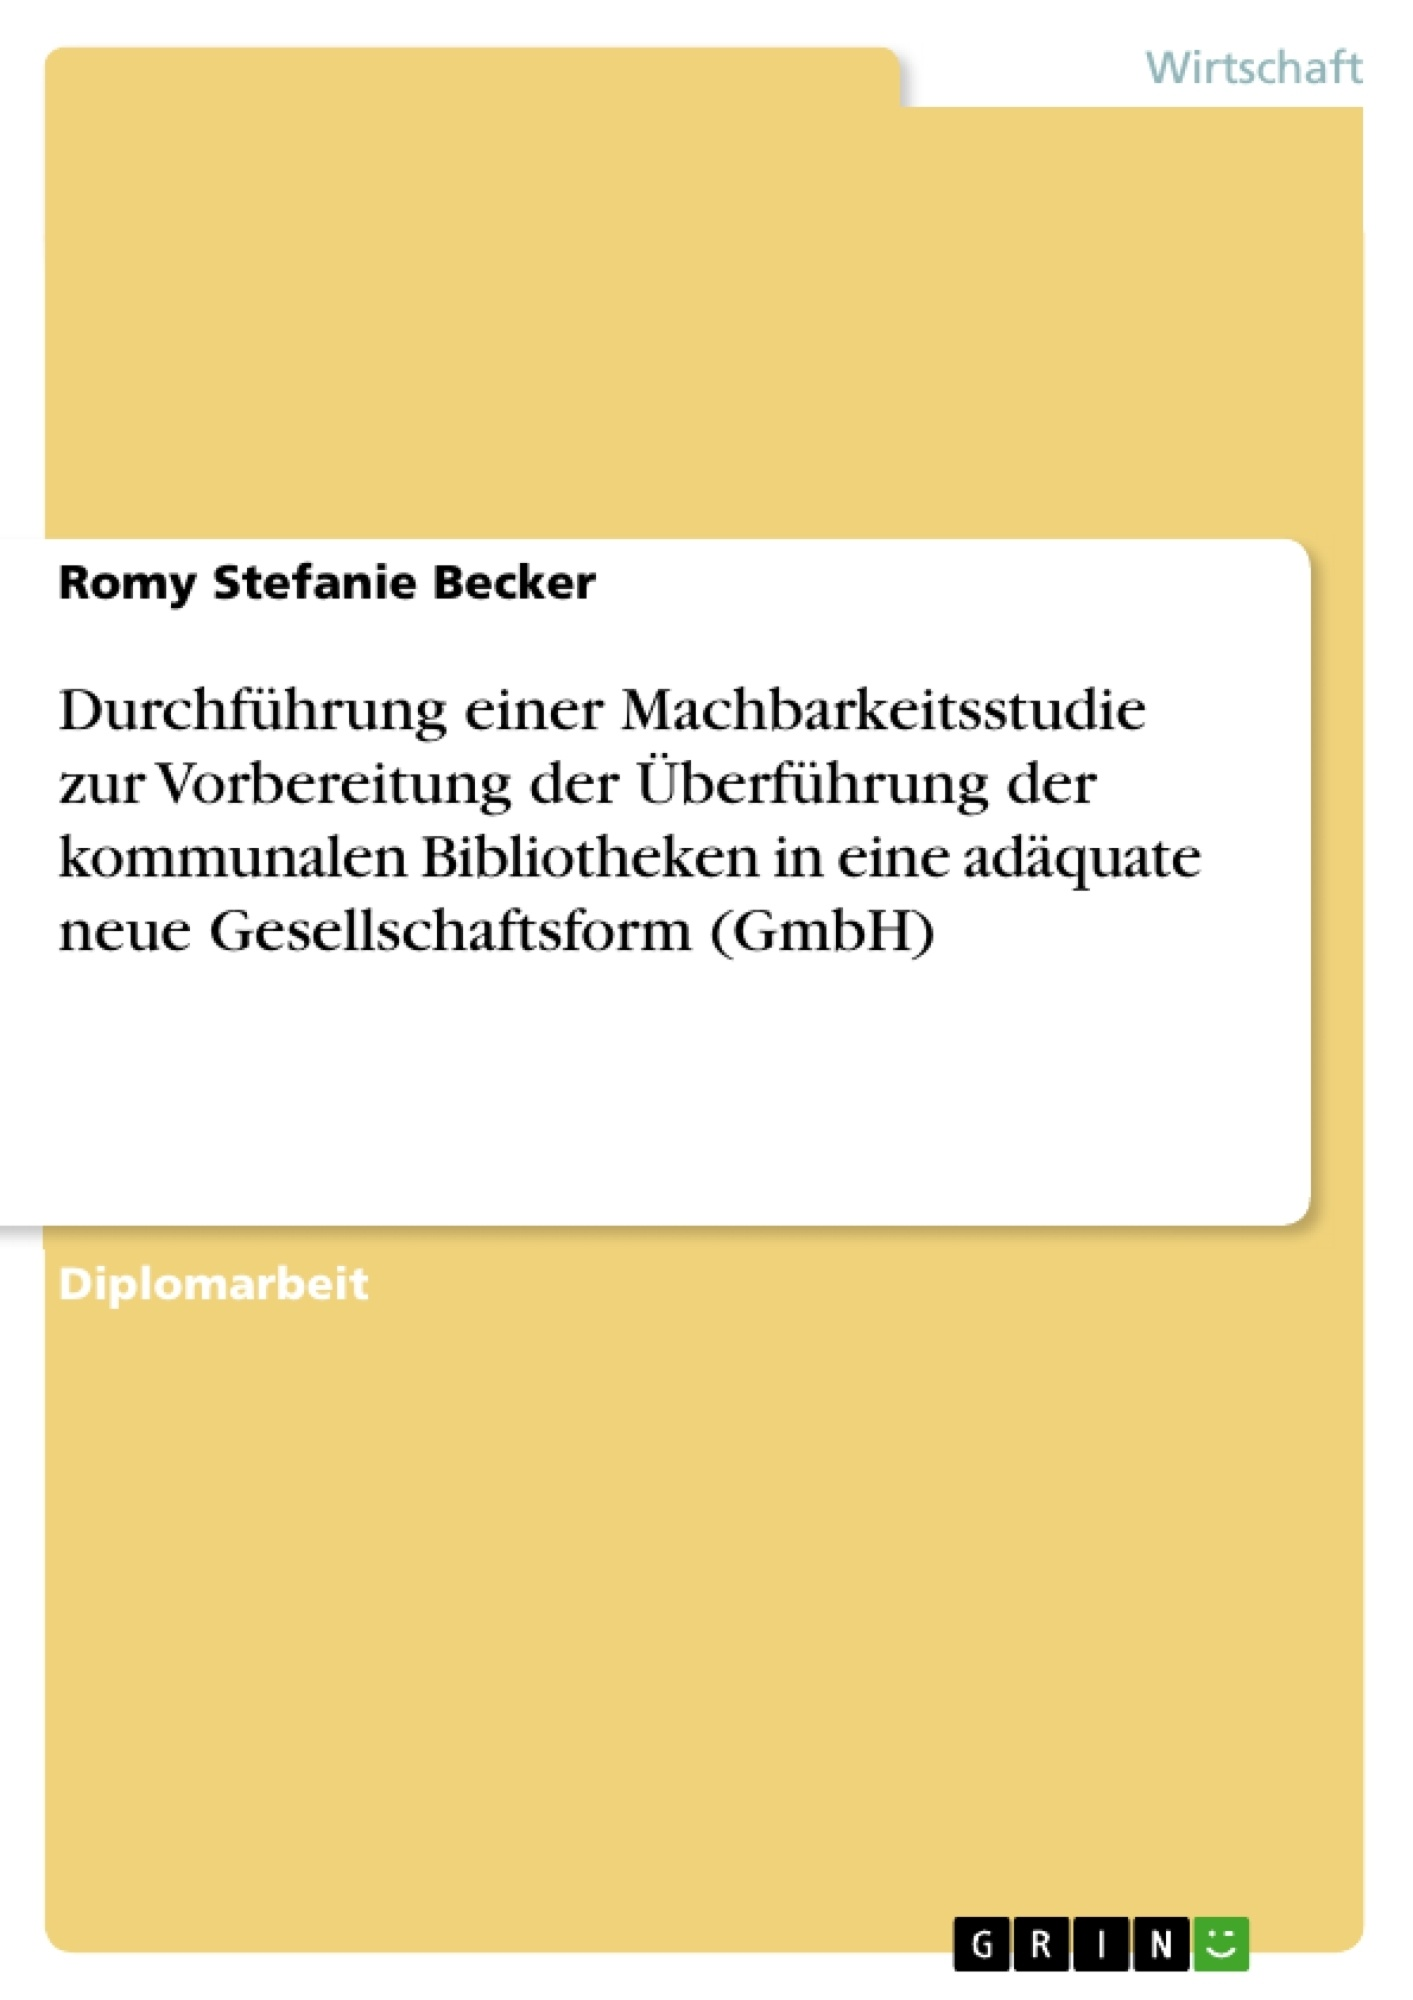 Titel: Durchführung einer Machbarkeitsstudie zur Vorbereitung der Überführung der kommunalen Bibliotheken in eine adäquate neue Gesellschaftsform (GmbH)